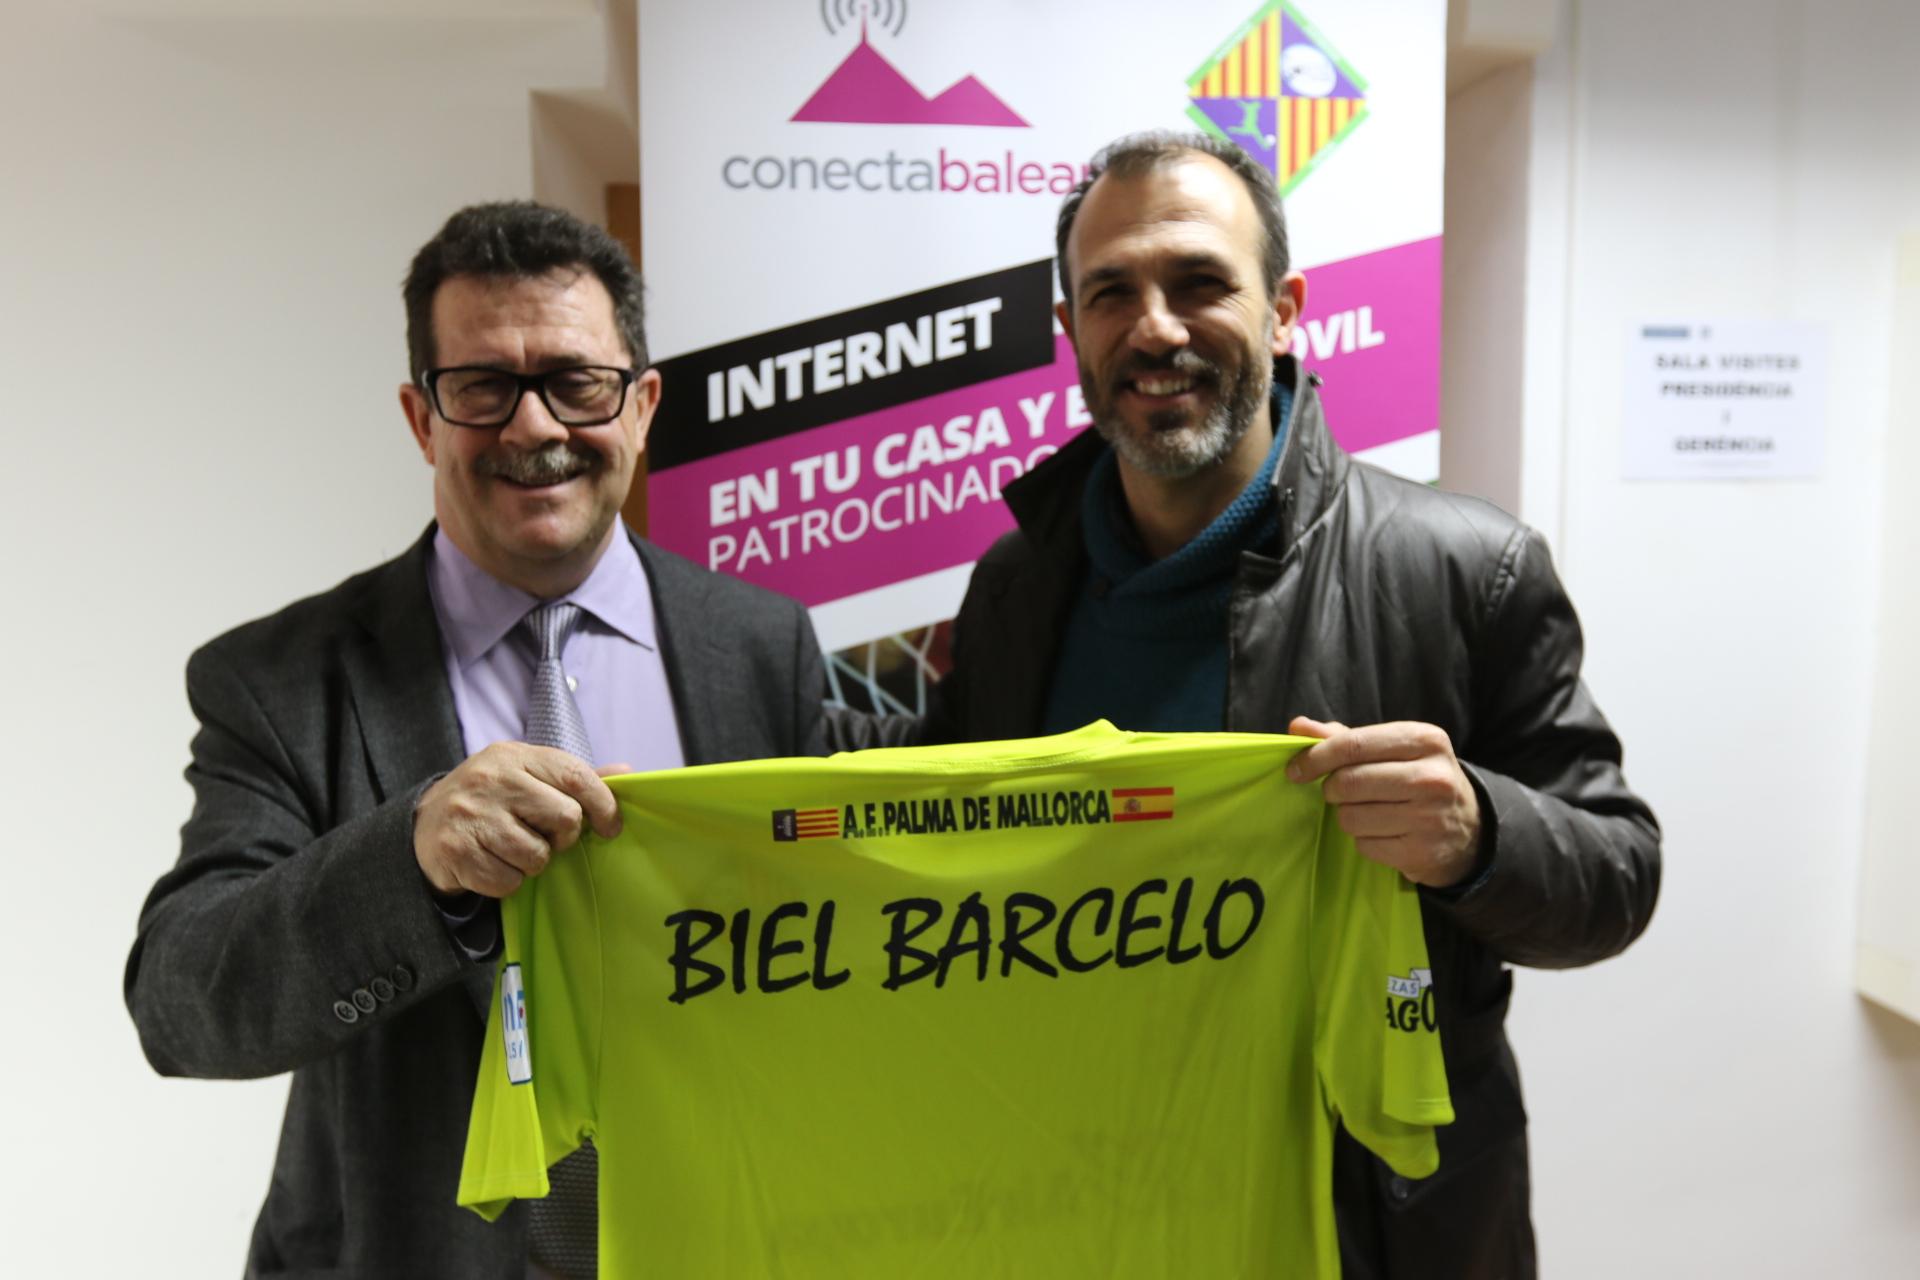 Miquel Jaume y Biel Barceló